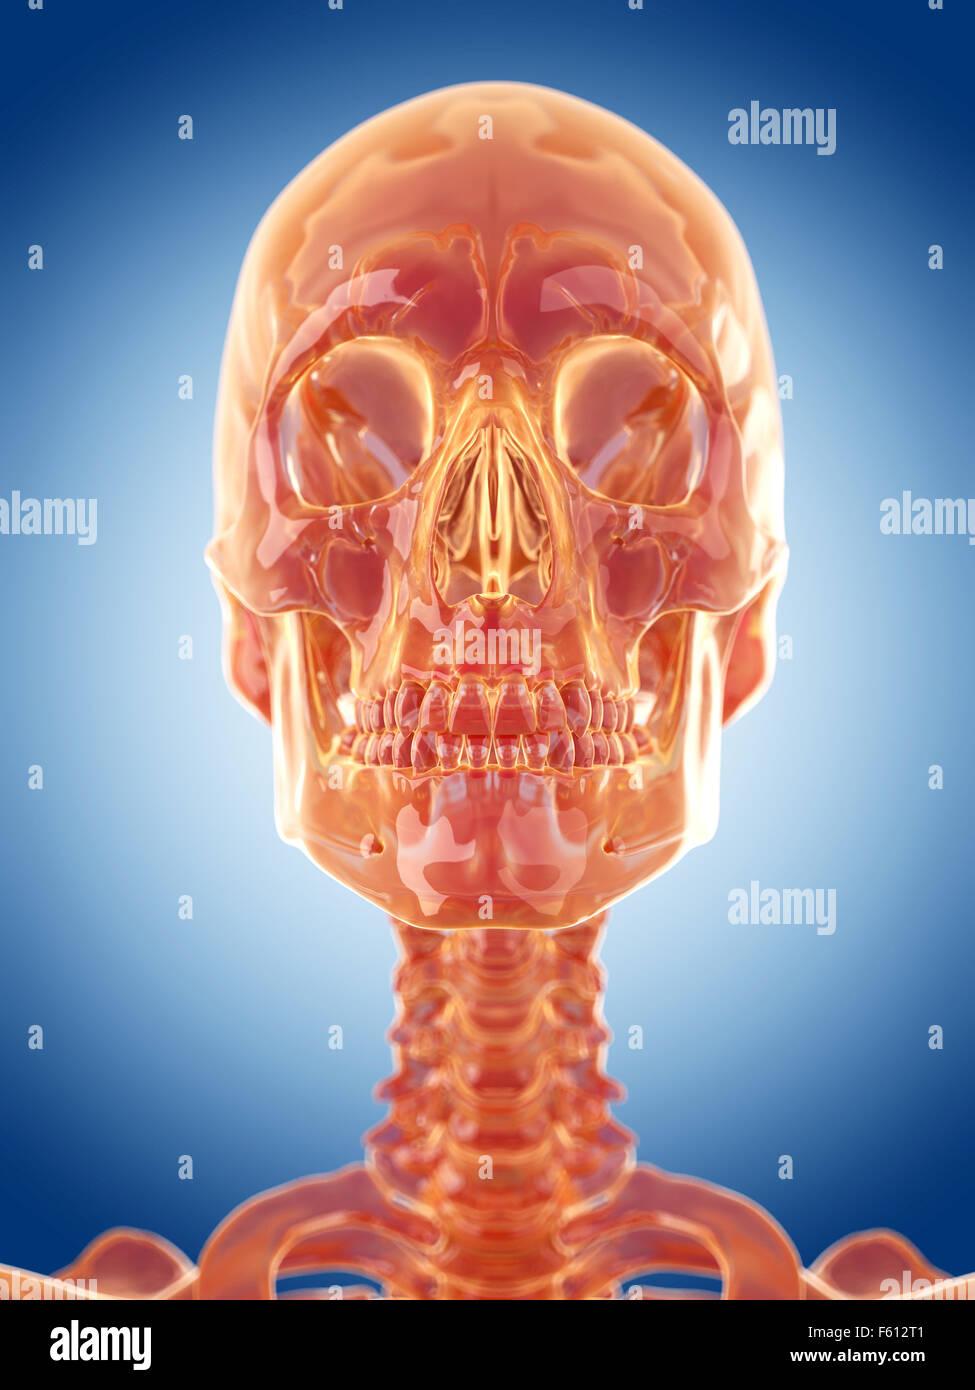 glass skeleton illustration - the skull - Stock Image